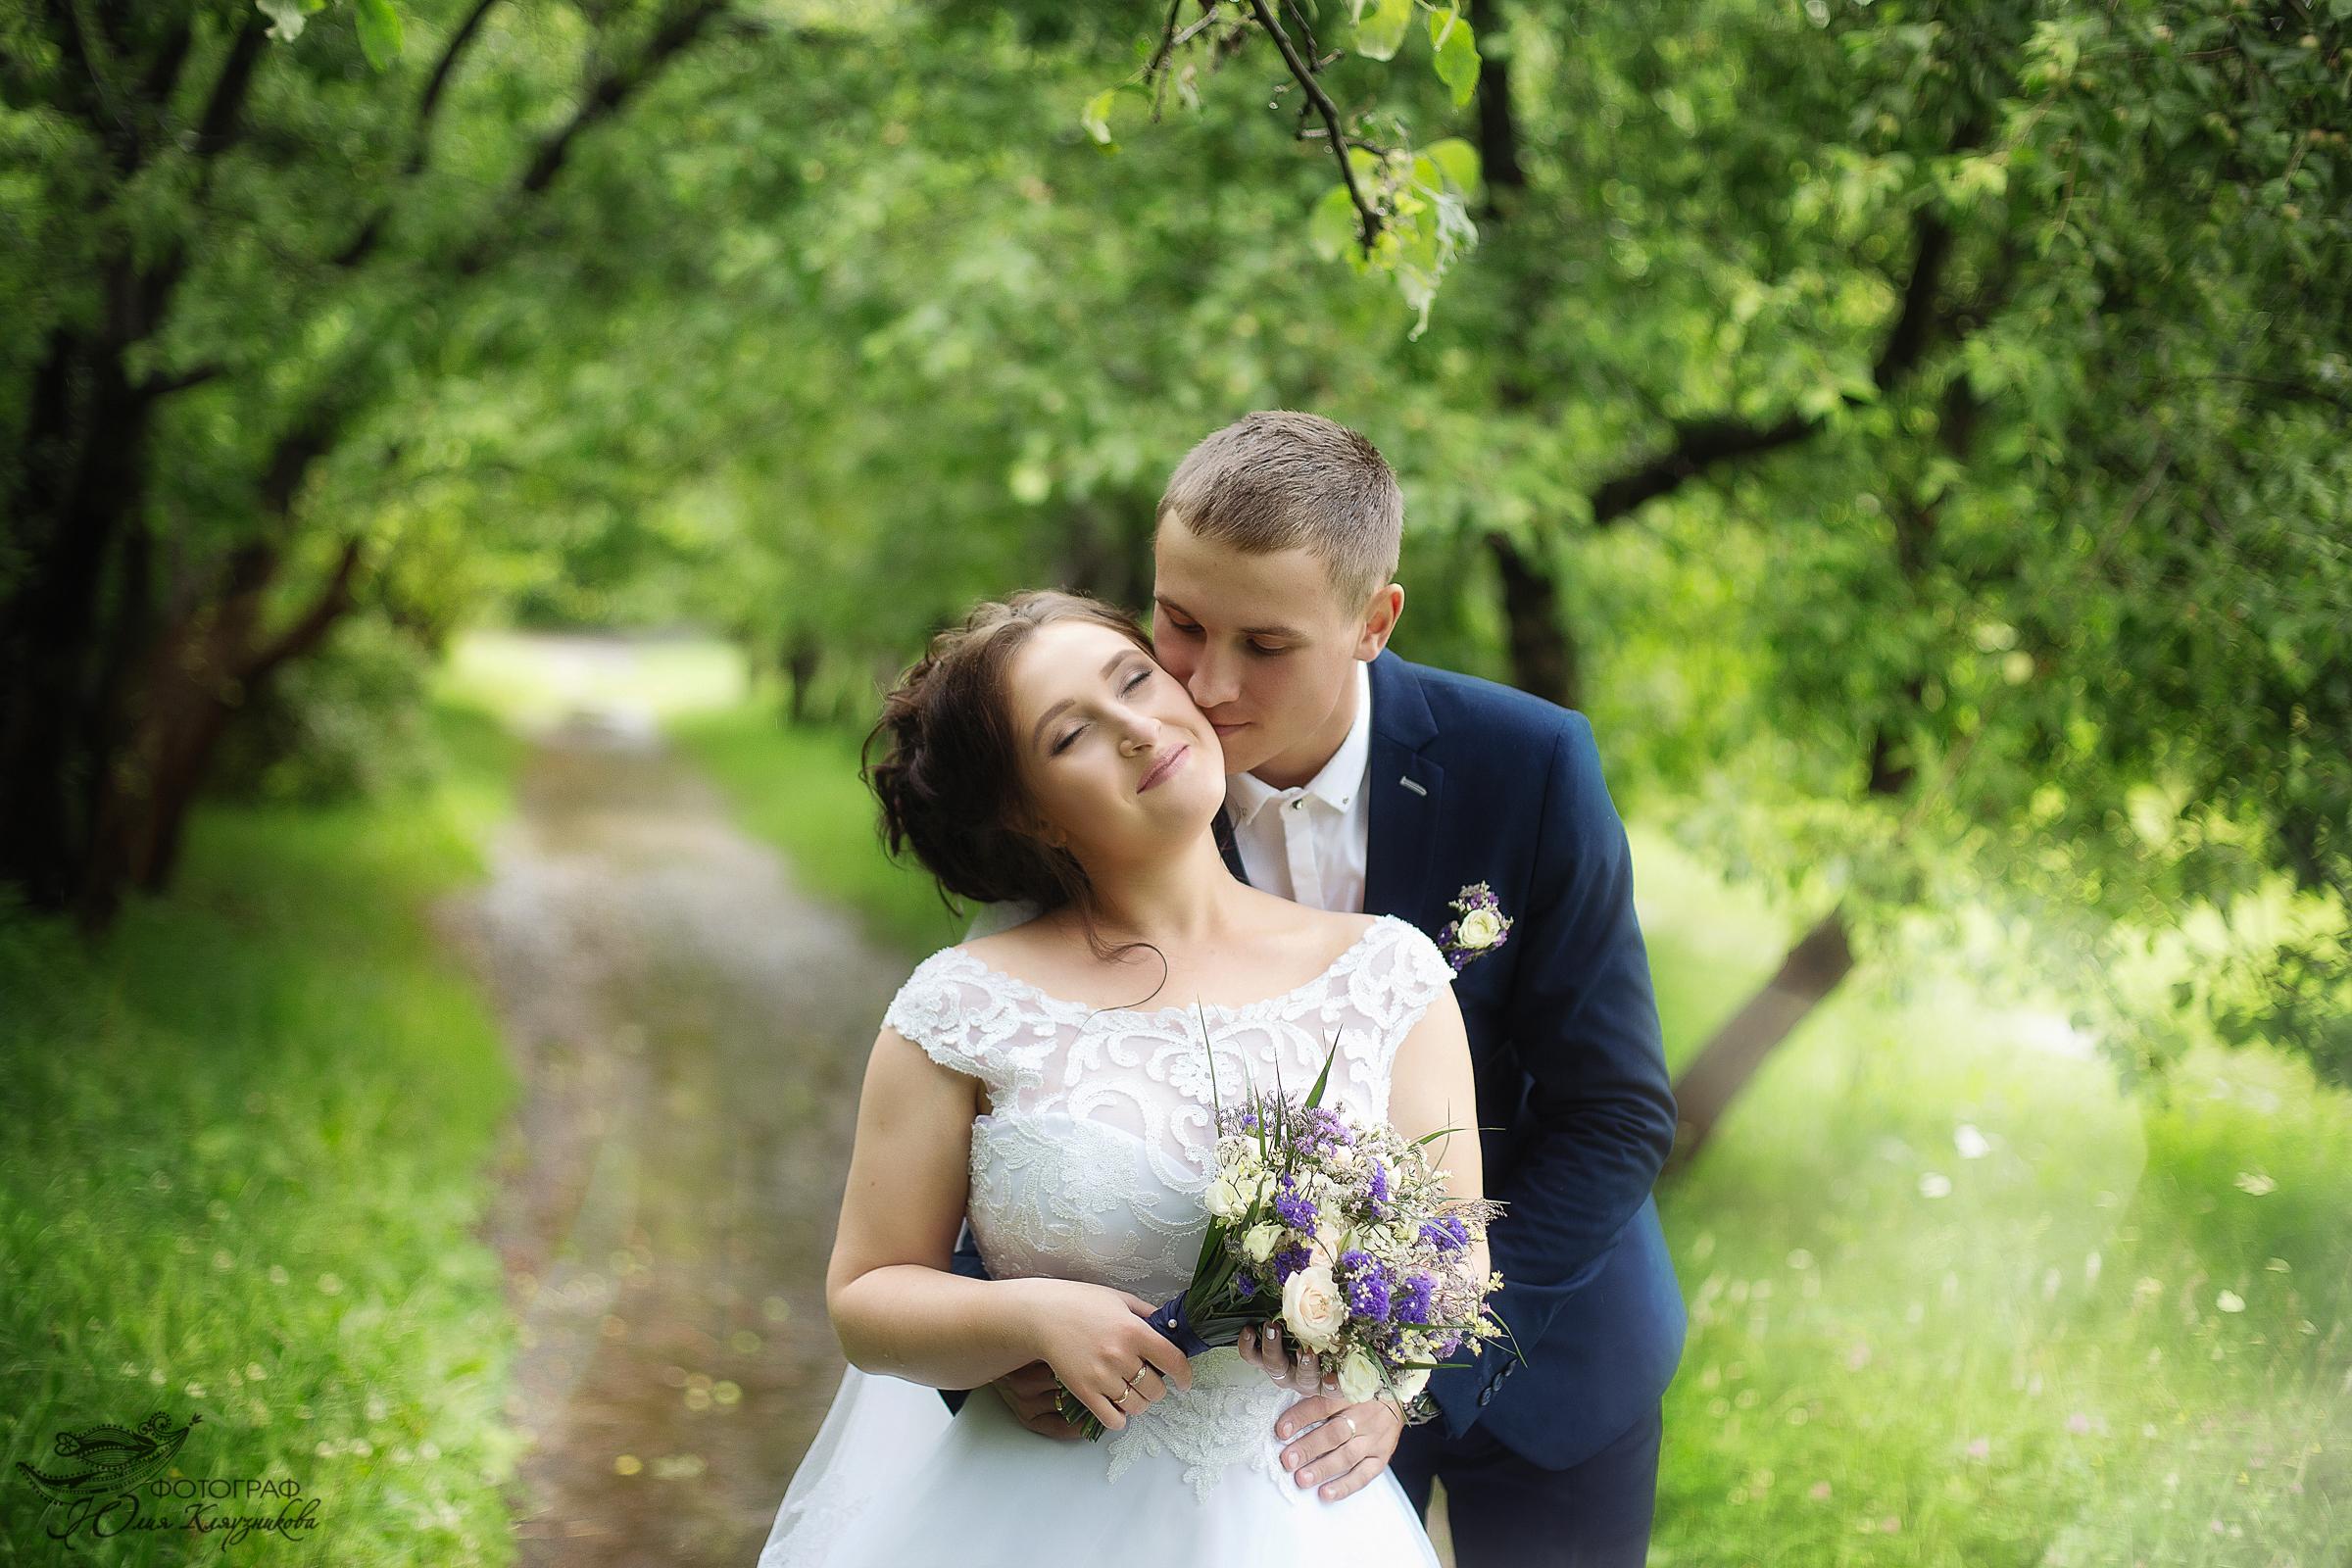 должны располагаться сайт где люди ищут свадебного фотографа сладкого приходиться очень